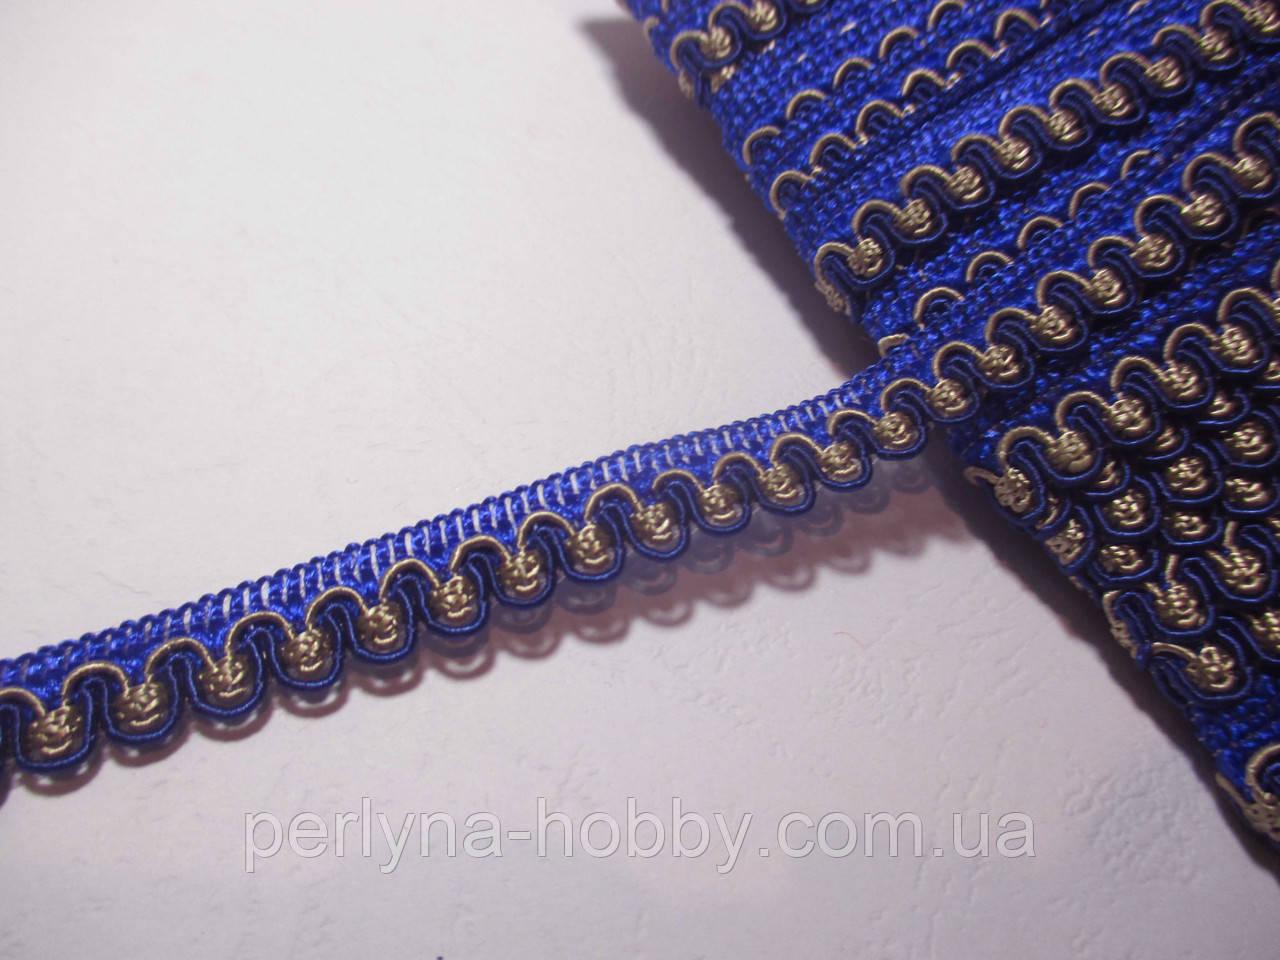 Тасьма декоративна кант 1 см синя з бежевим